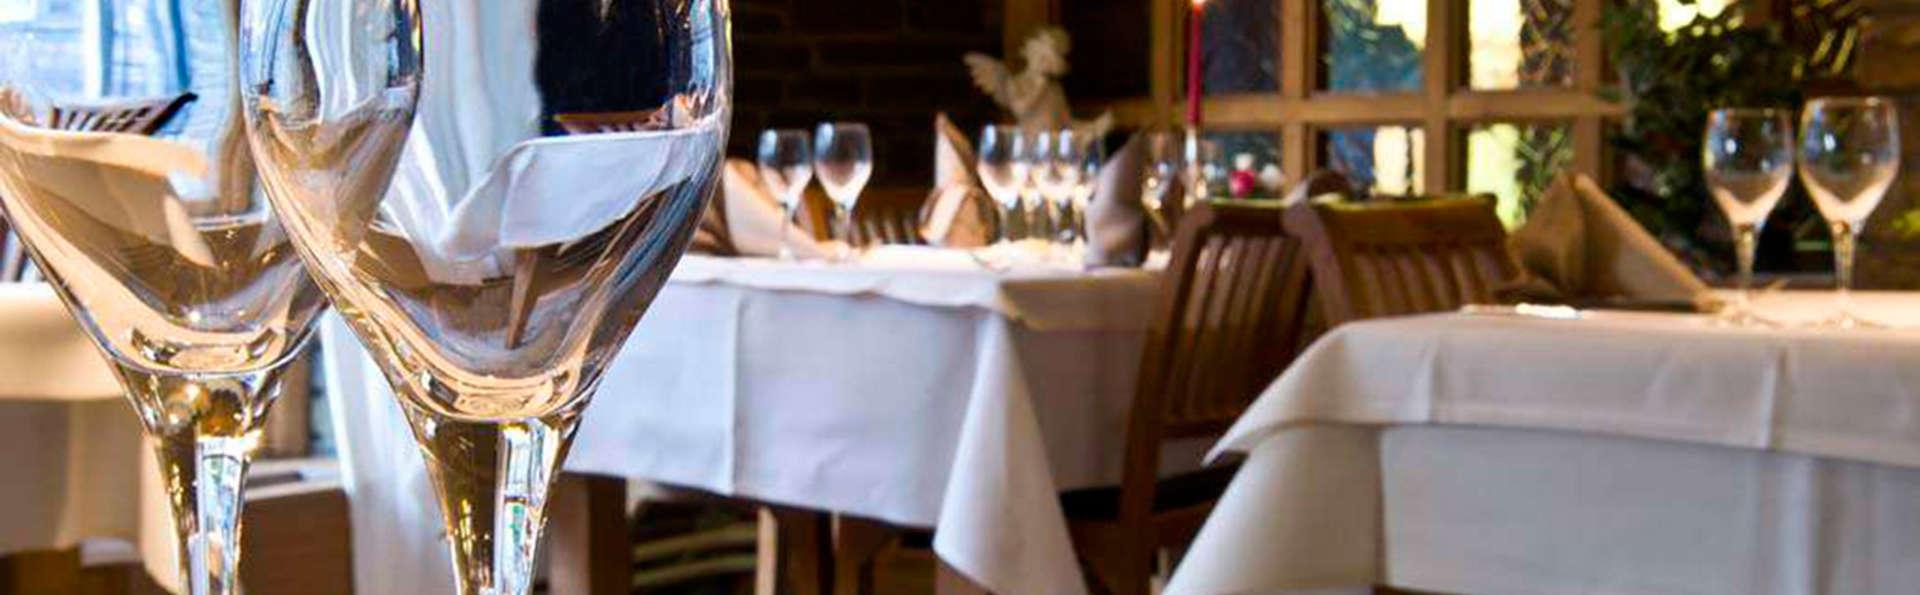 Week-end gastronomique et bien-être avec 2 dîners à Houffalize (à partir de 2 nuits)